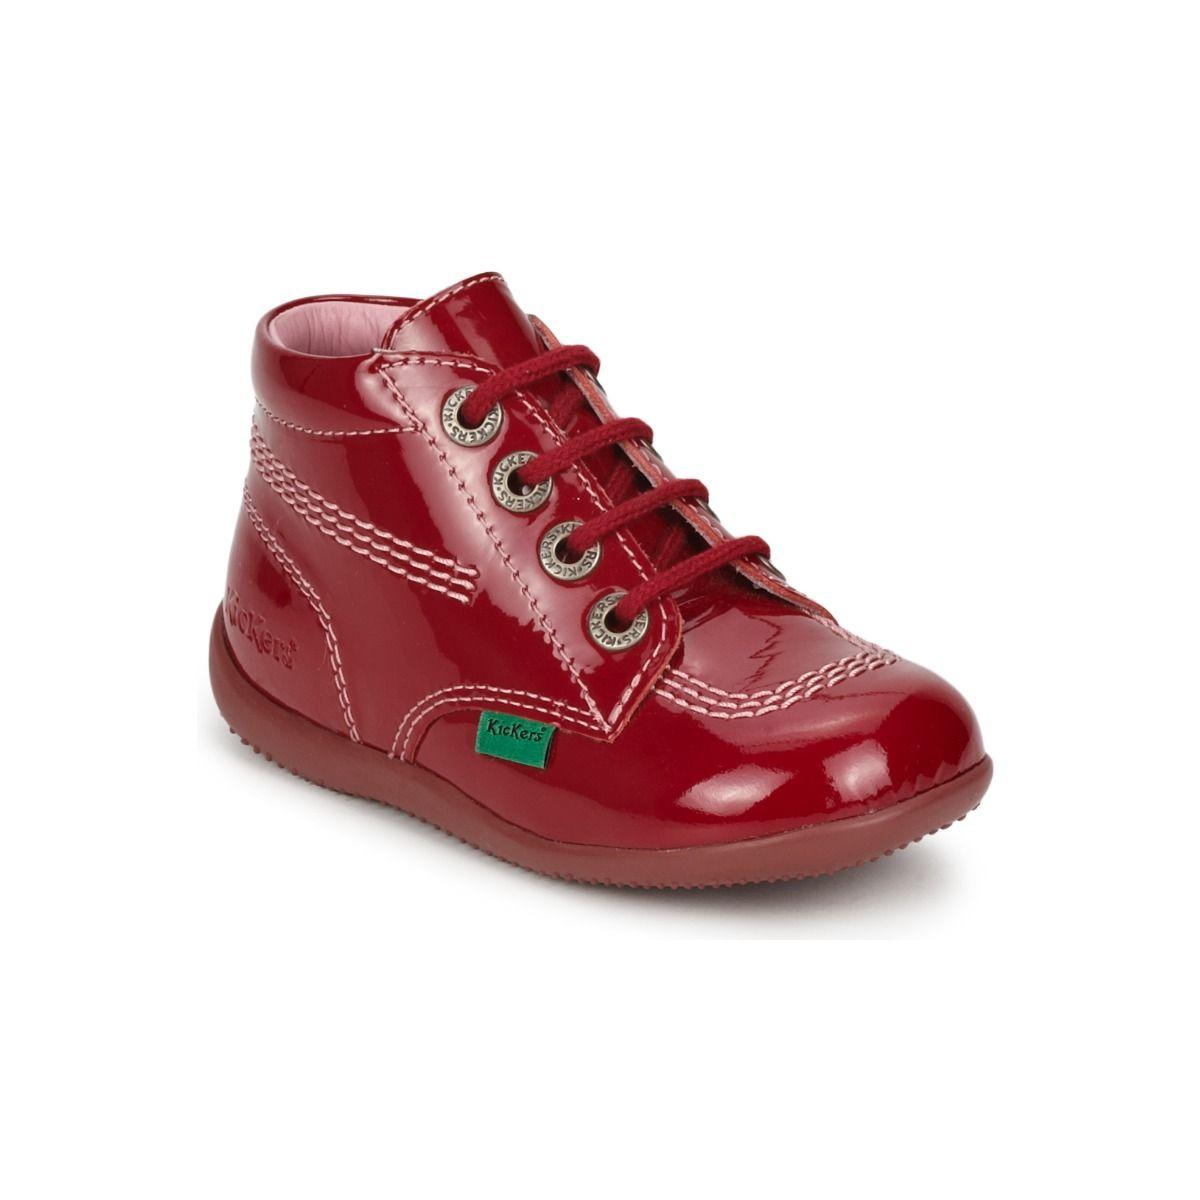 Zapatos rojos de punta abierta formales Kickers infantiles oPkSN